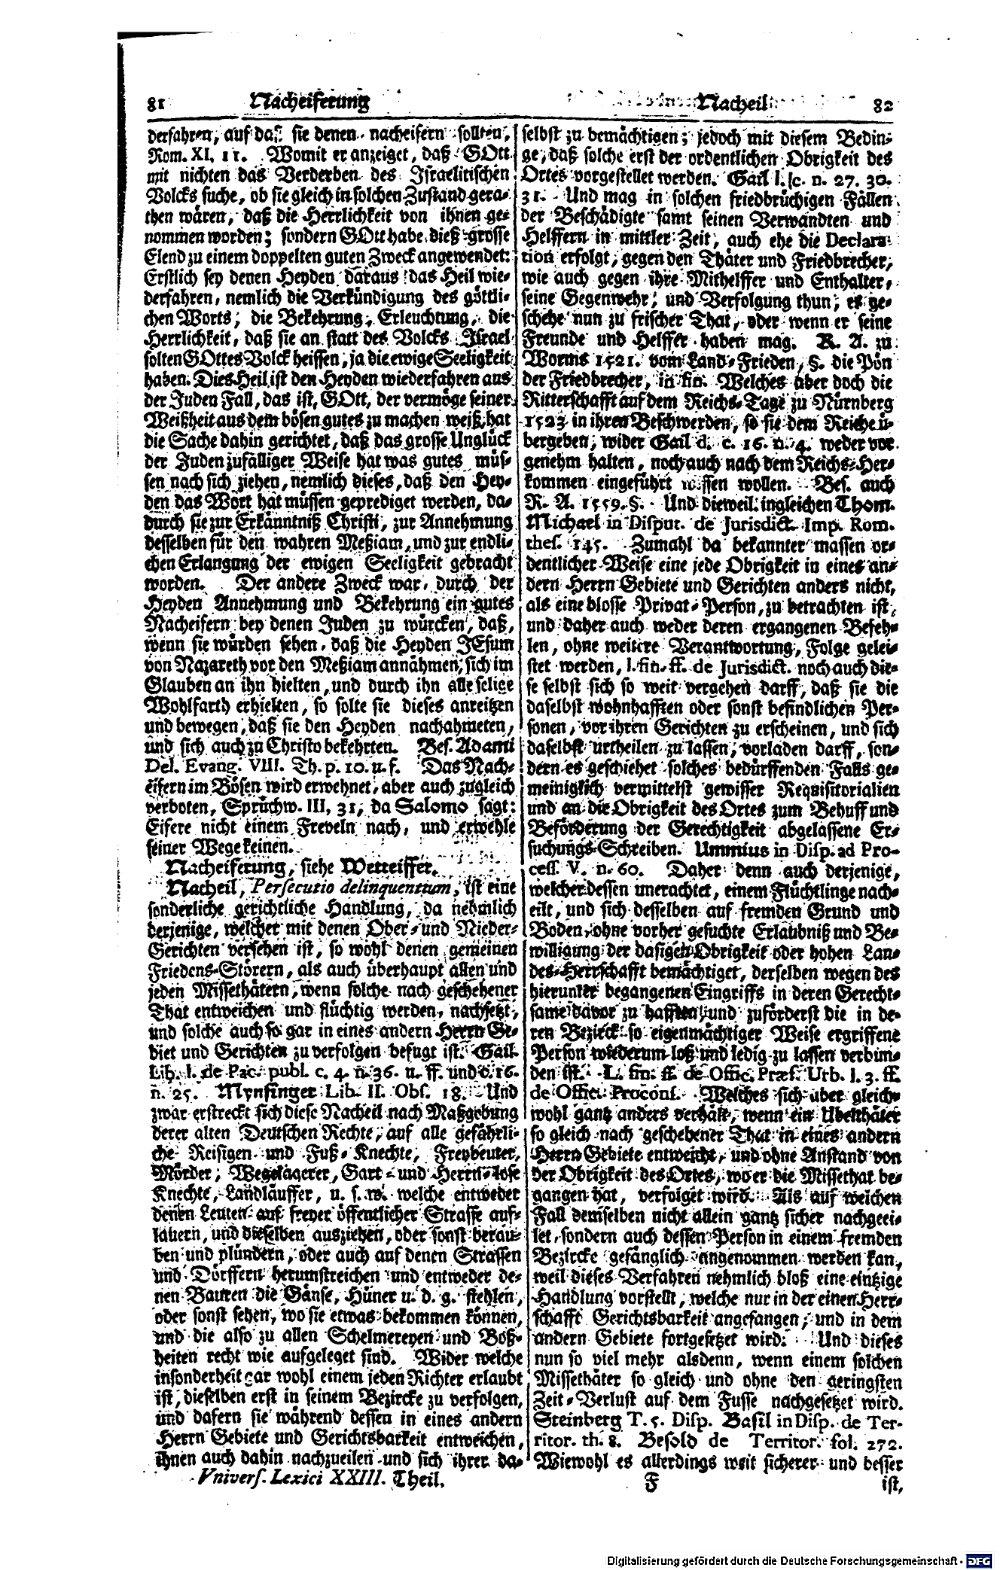 Bd. 23, Seite 0058.